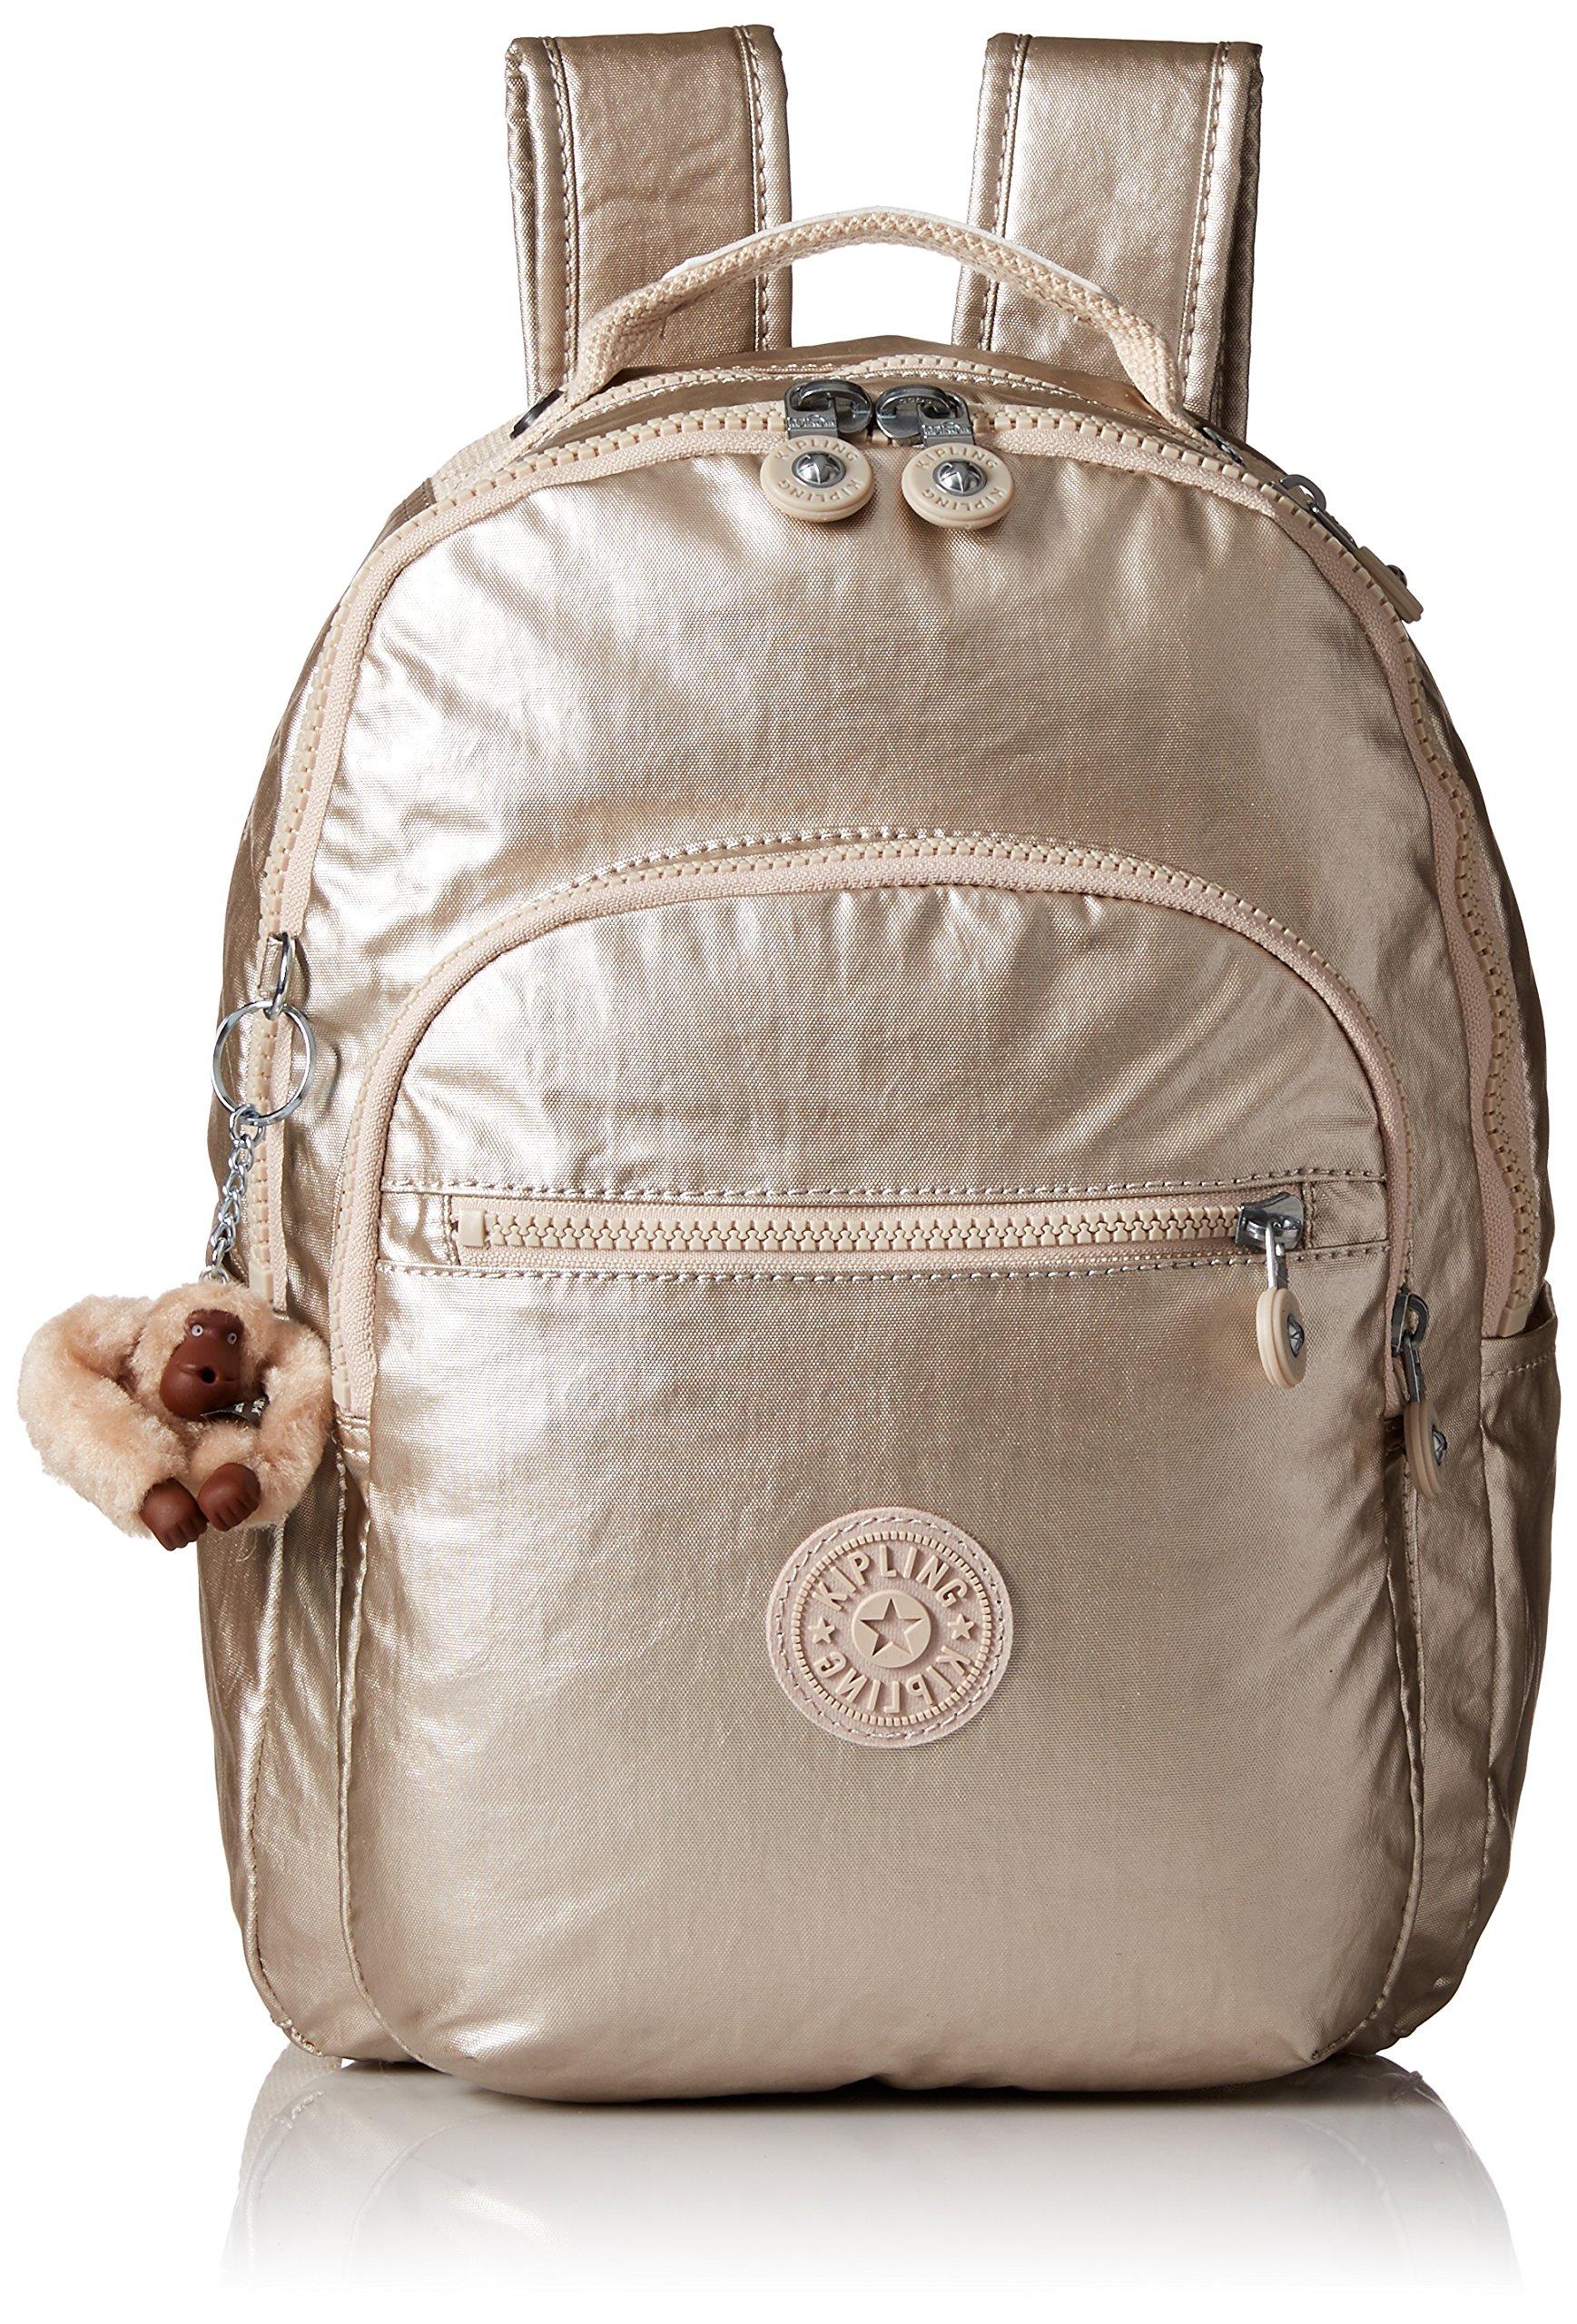 Kipling Women's Seoul S Metallic Backpack, Sparkly Gold